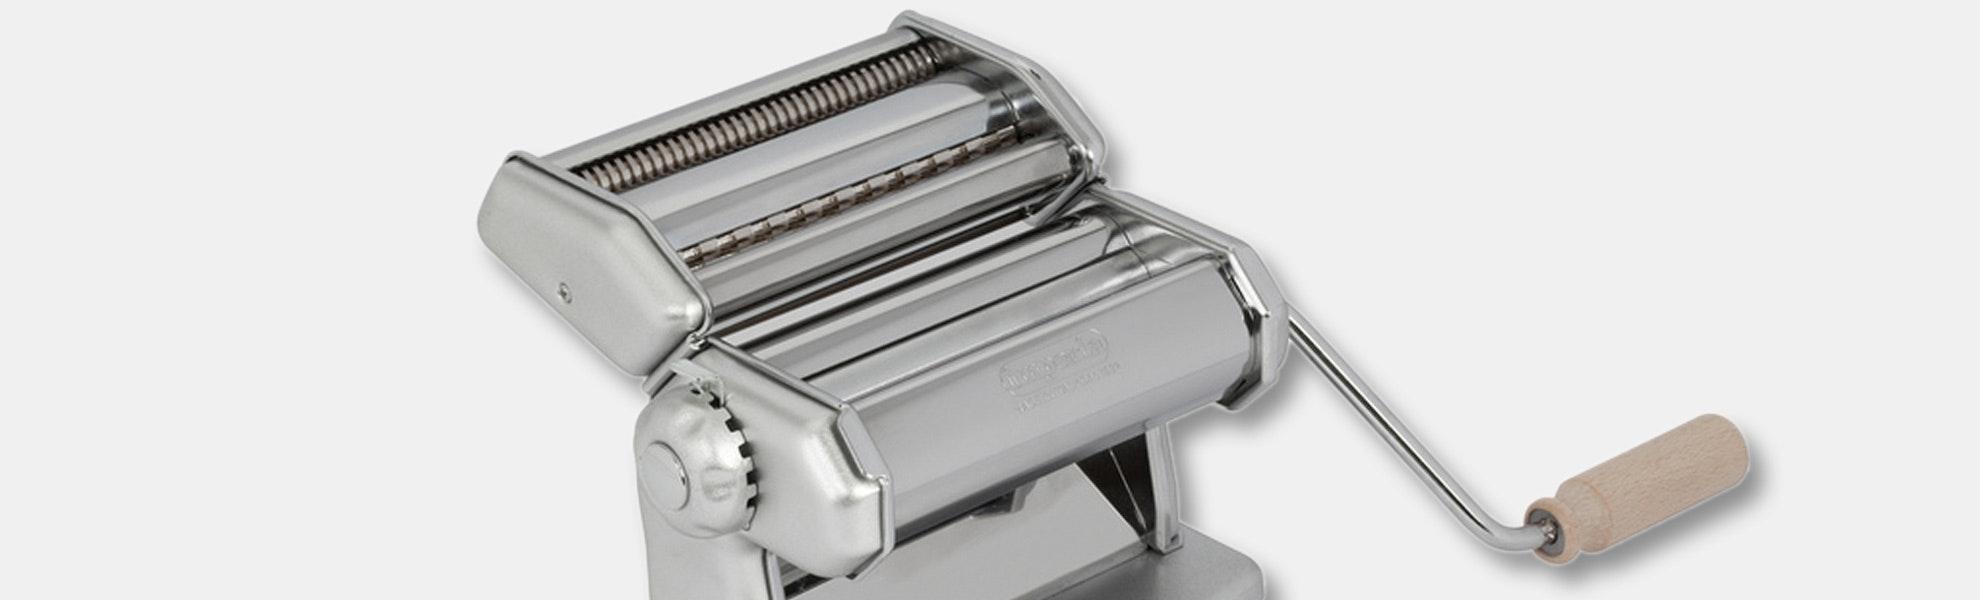 Imperia V501 Pasta Machine